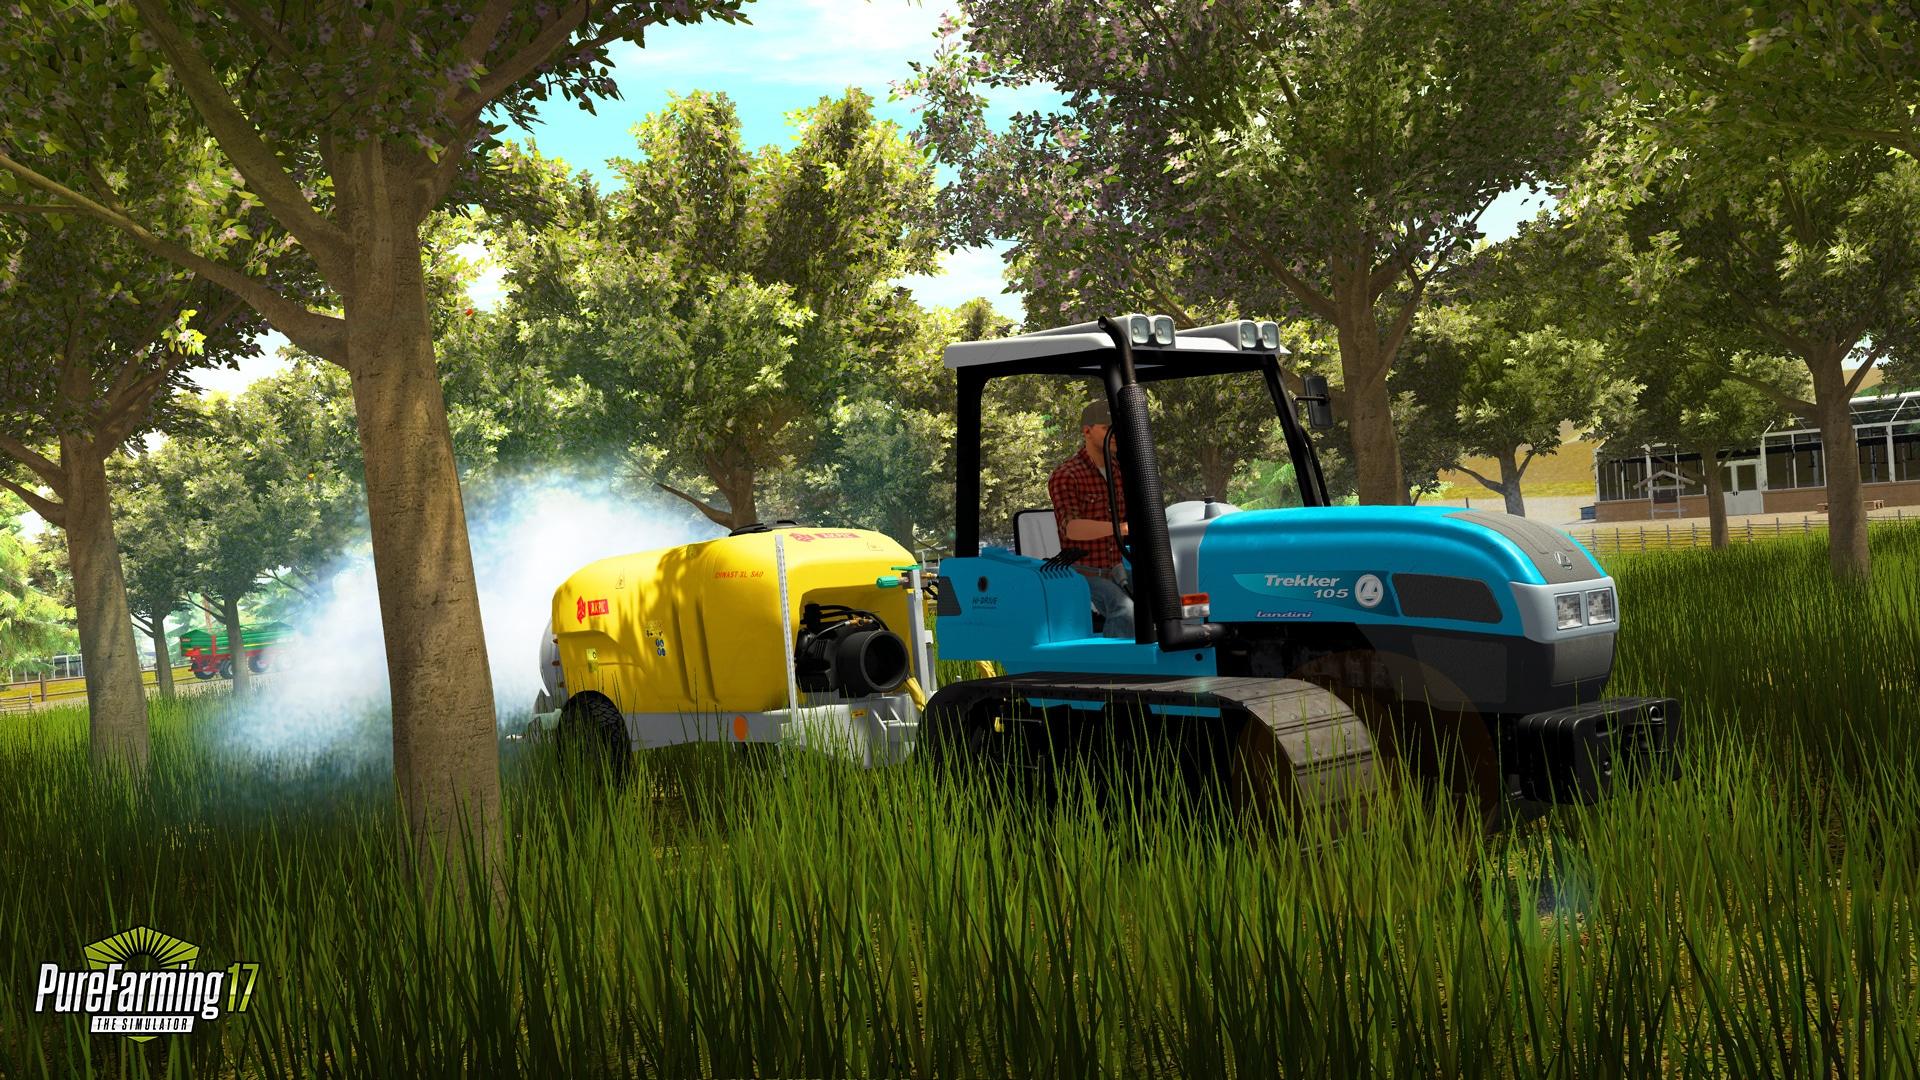 Pure Farming 2018: News from Gamescom 2016